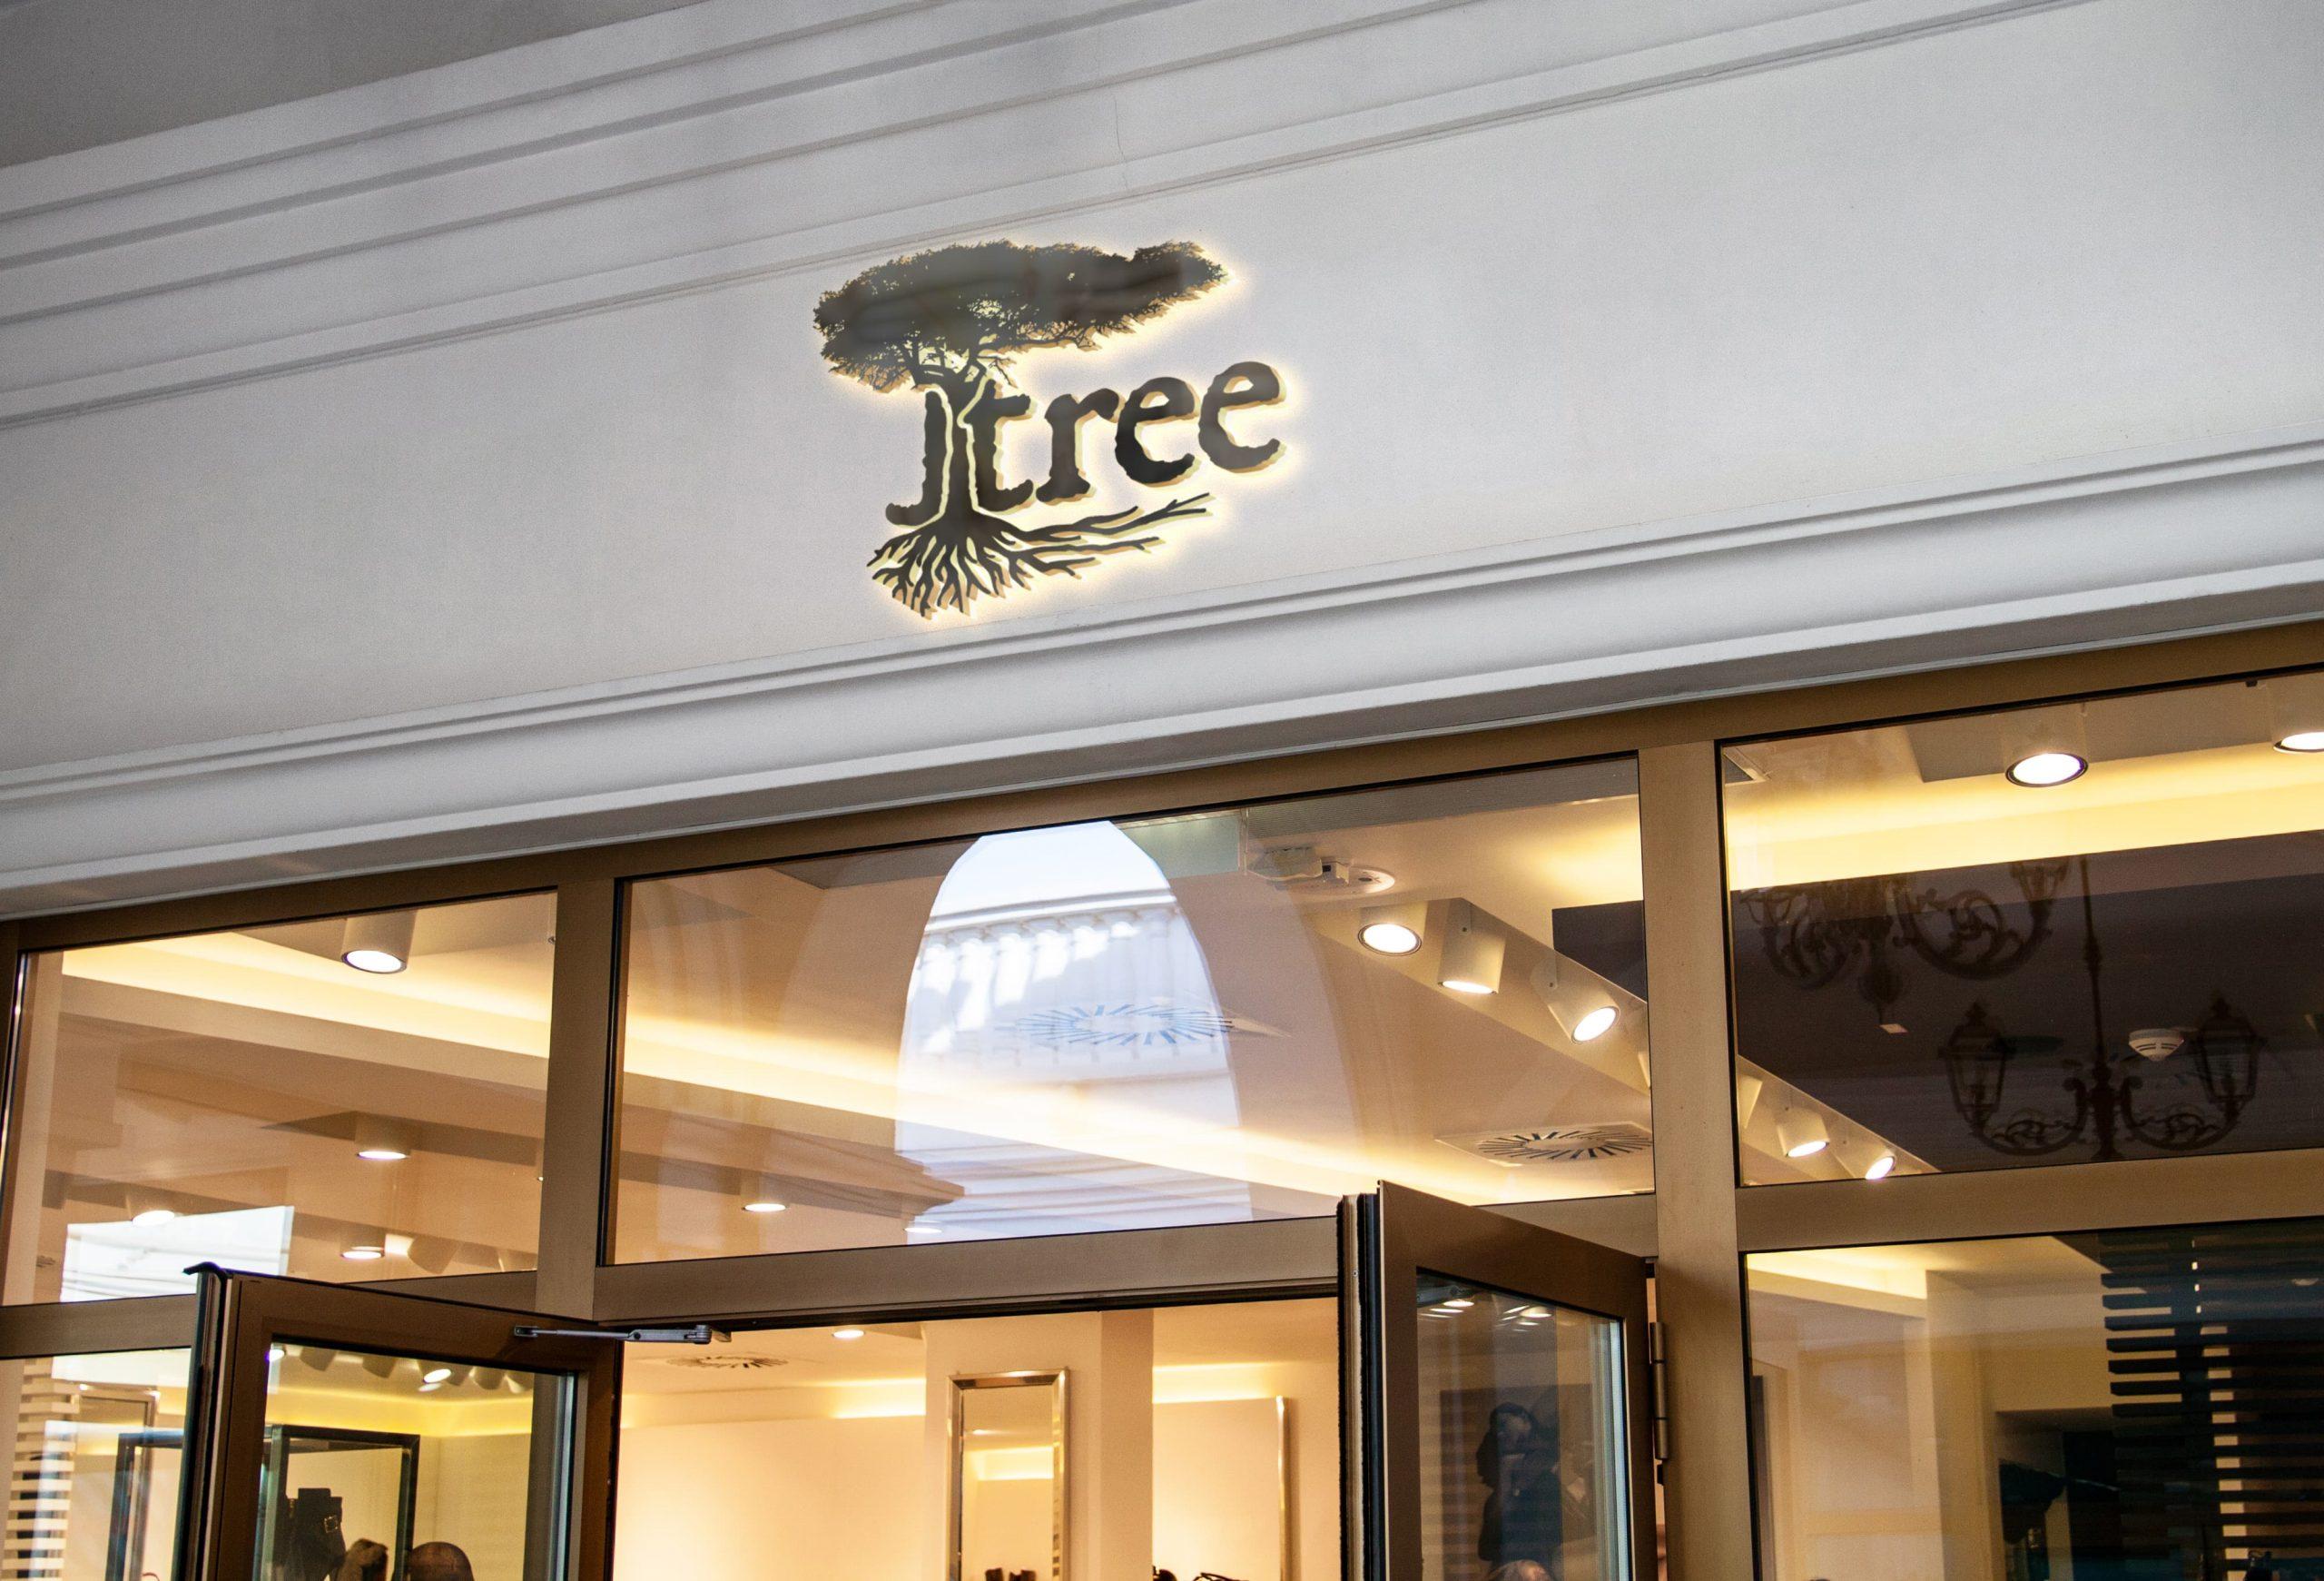 Jtree Office